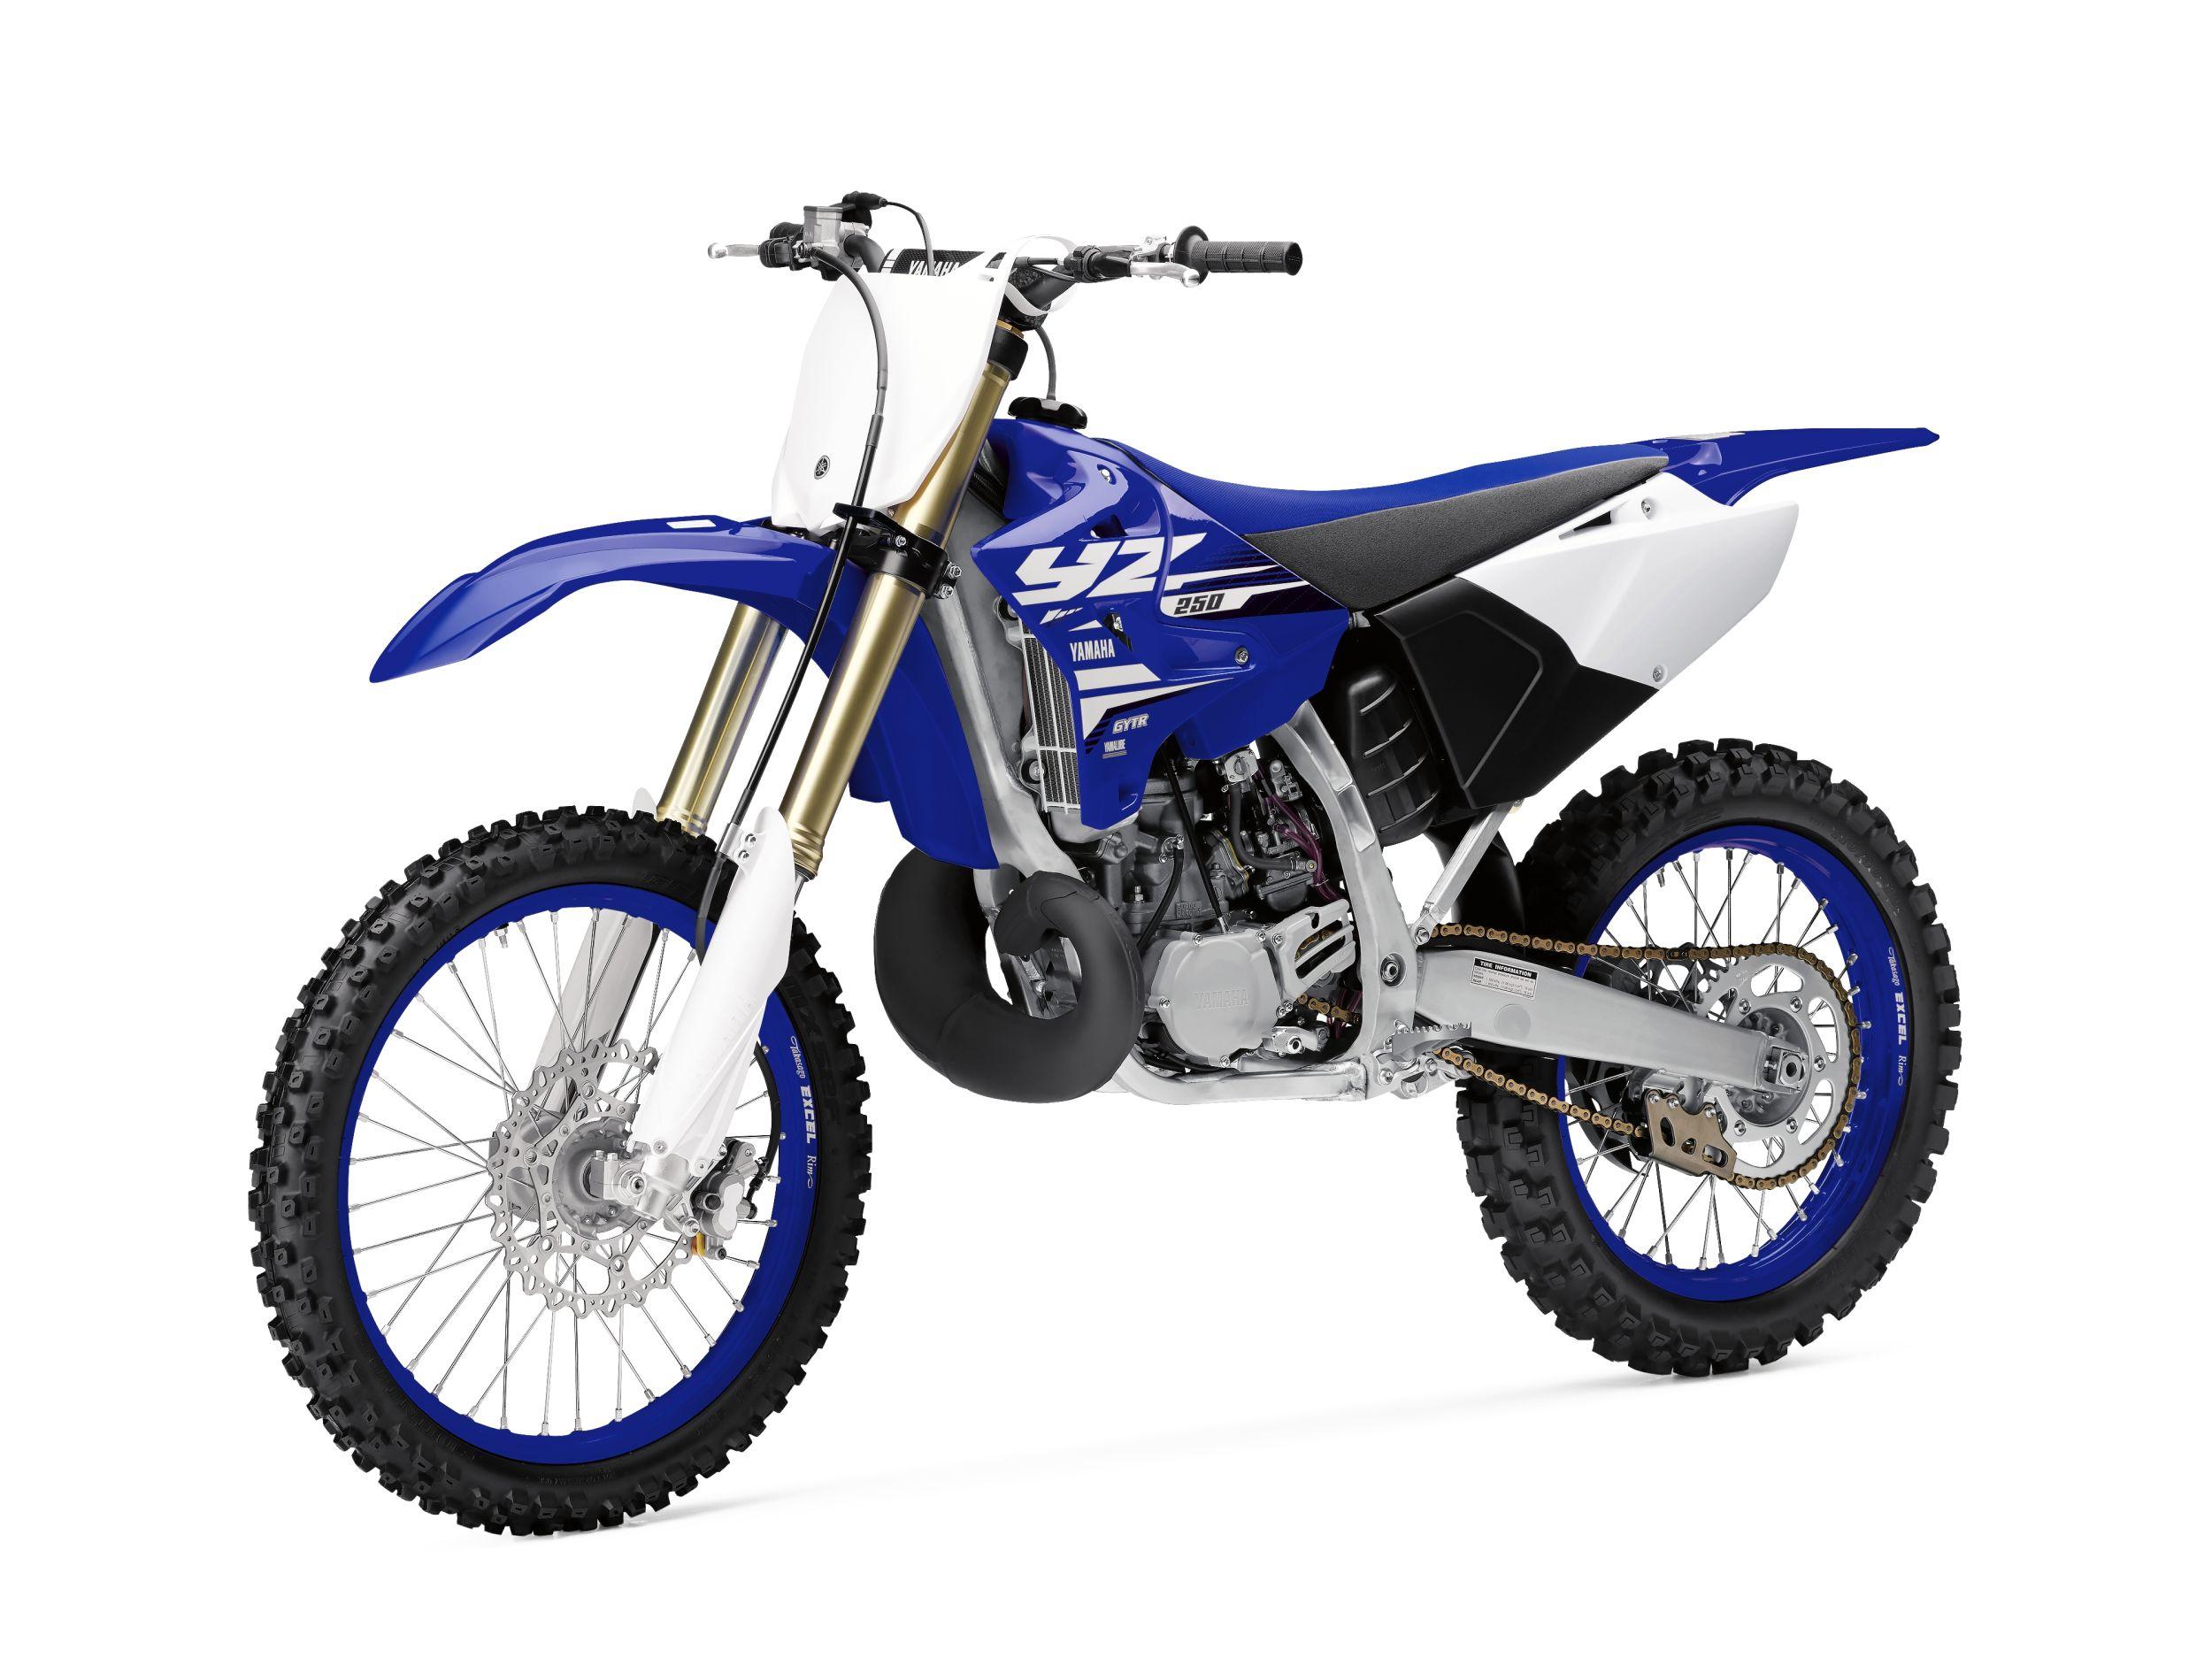 Gebrauchte und neue Yamaha YZ 250 LC Motorräder kaufen